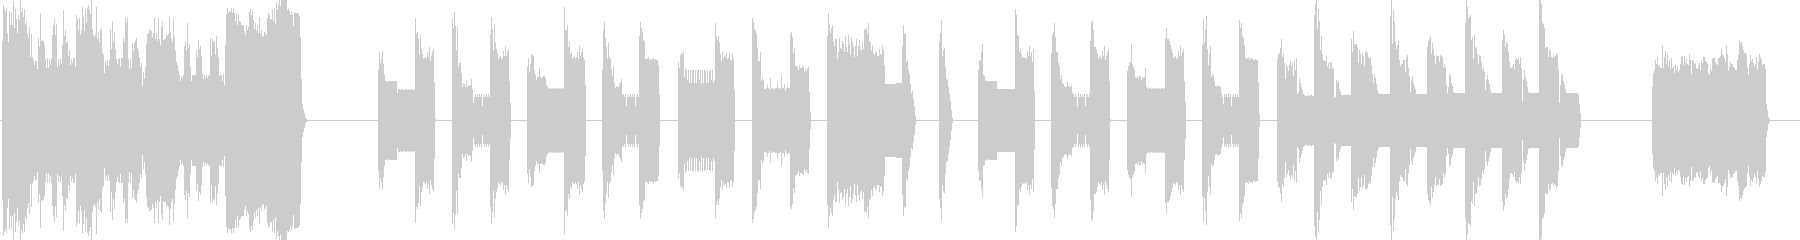 8ビットRPGのんの未再生の波形